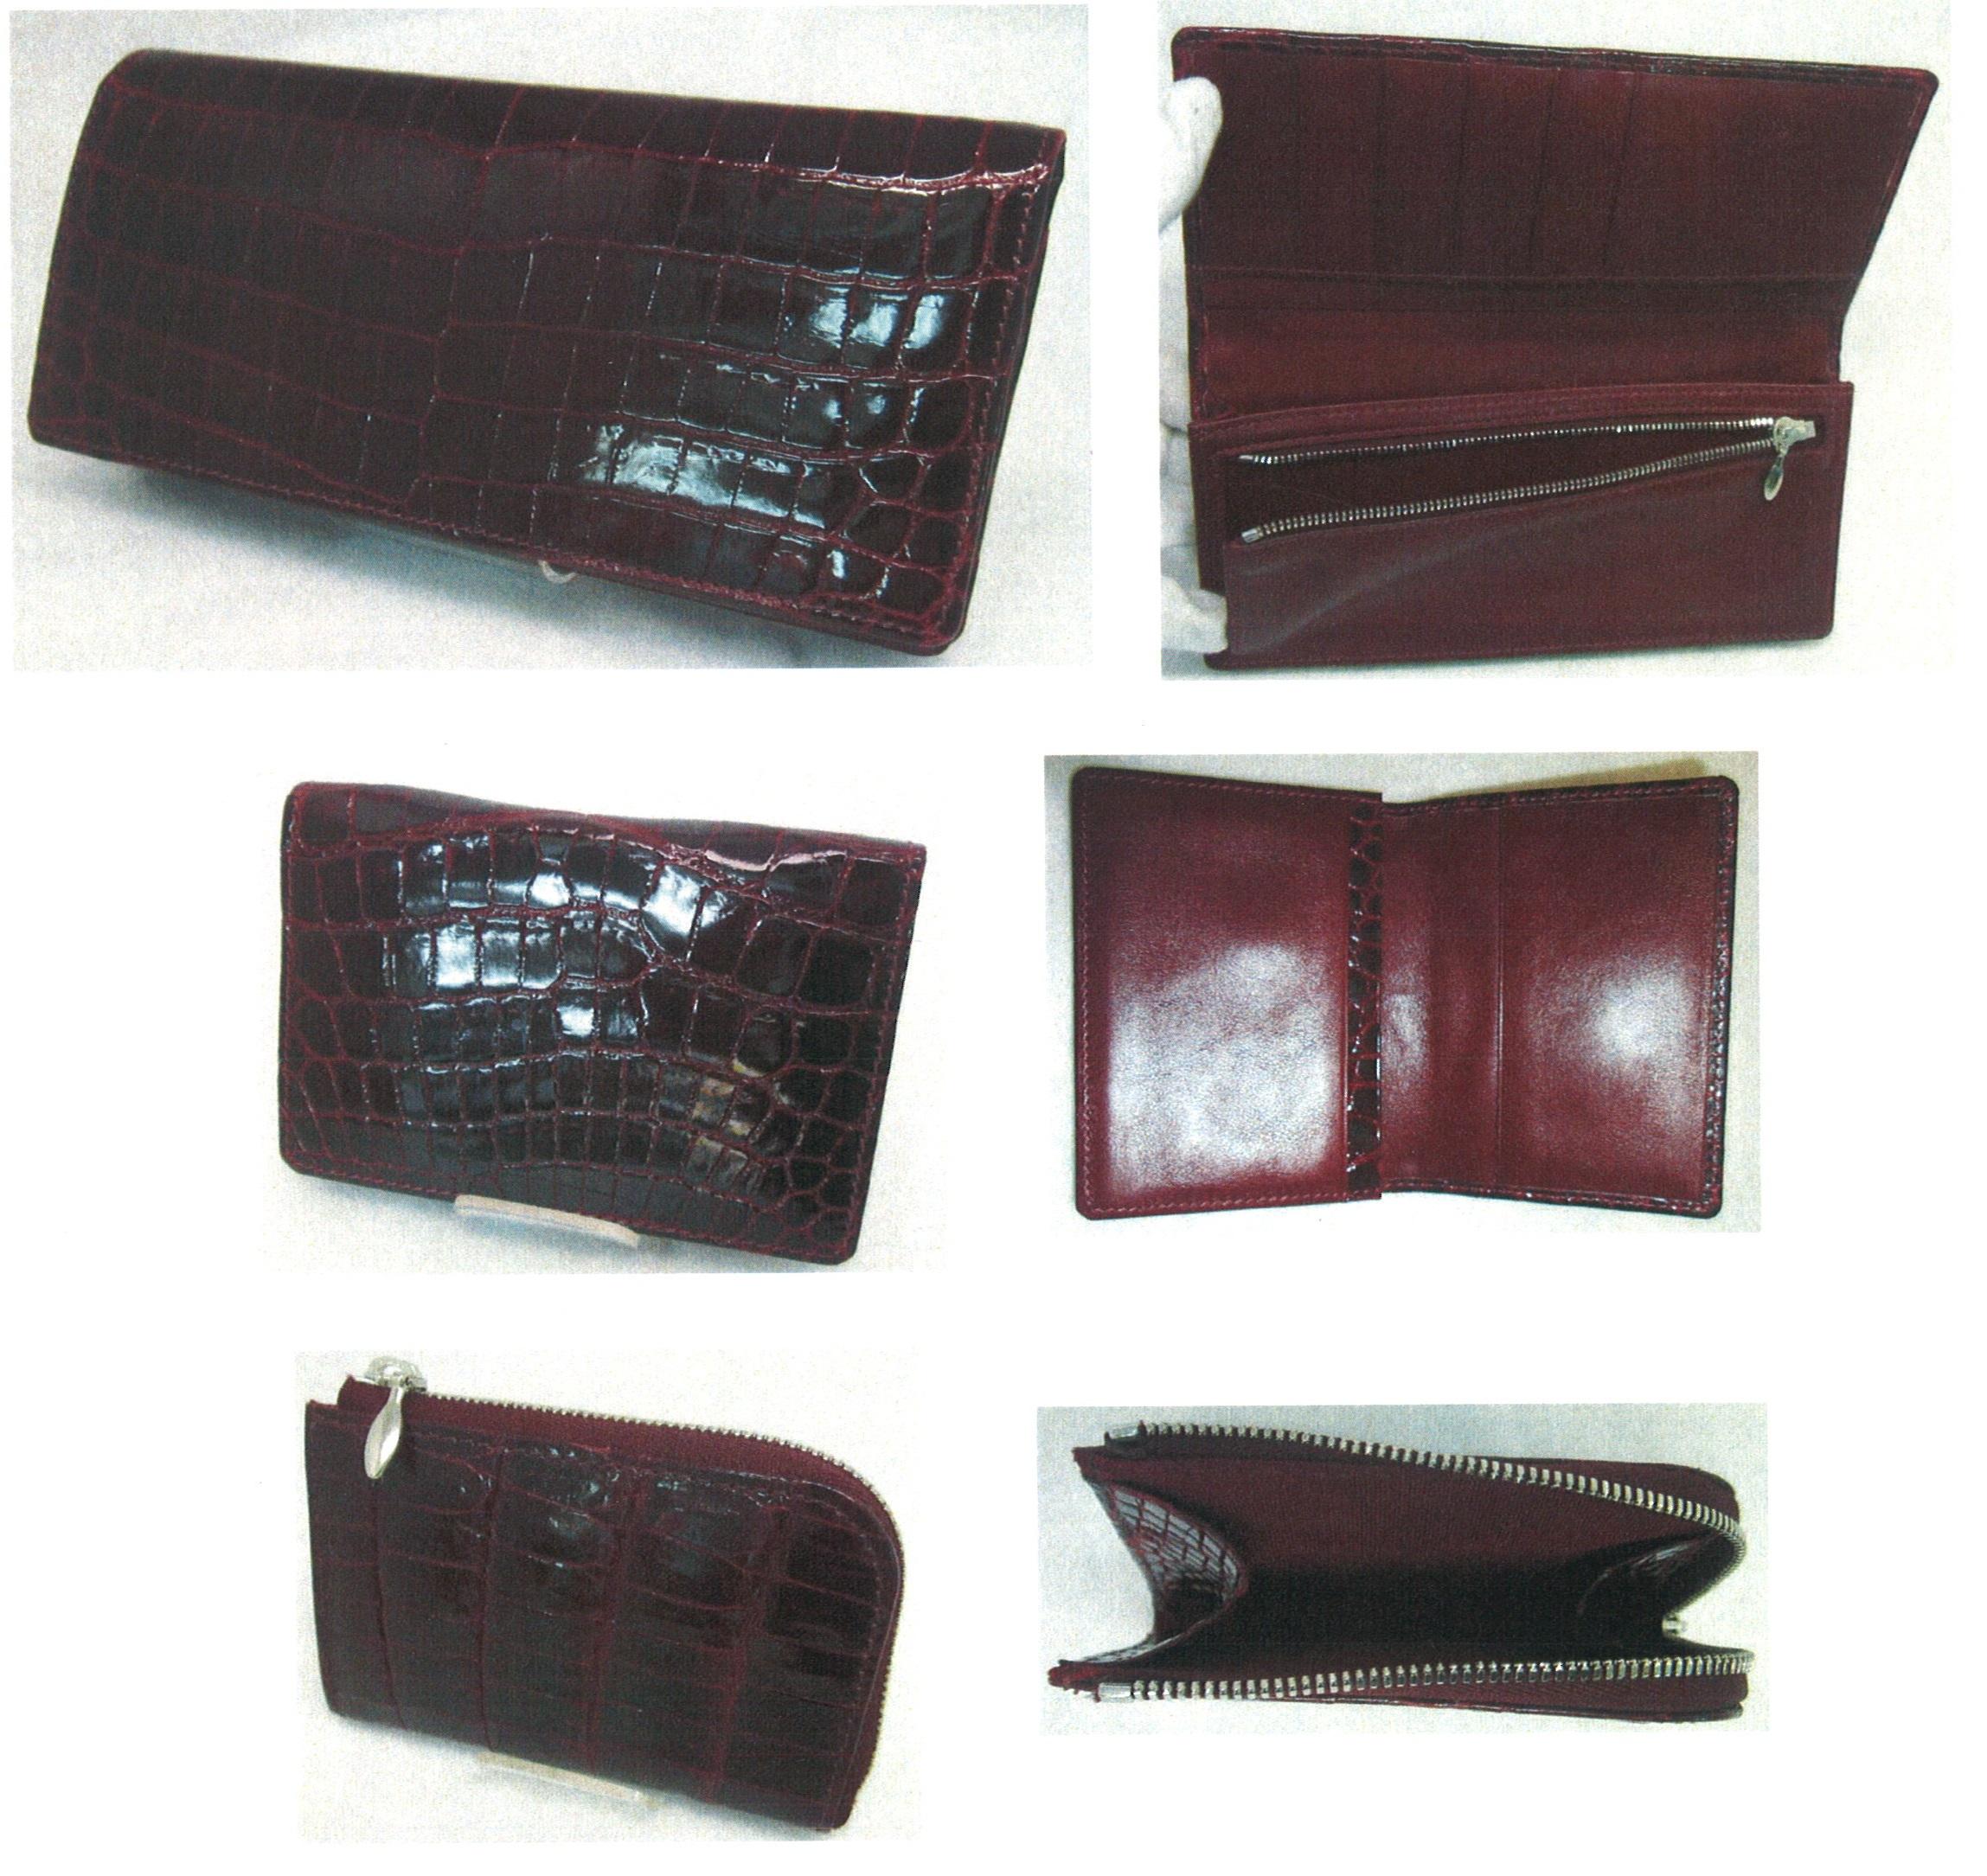 ご希望仕様の長財布を作製し、残りの革で名刺入れと小銭入れ作製の追加依頼をいただきました